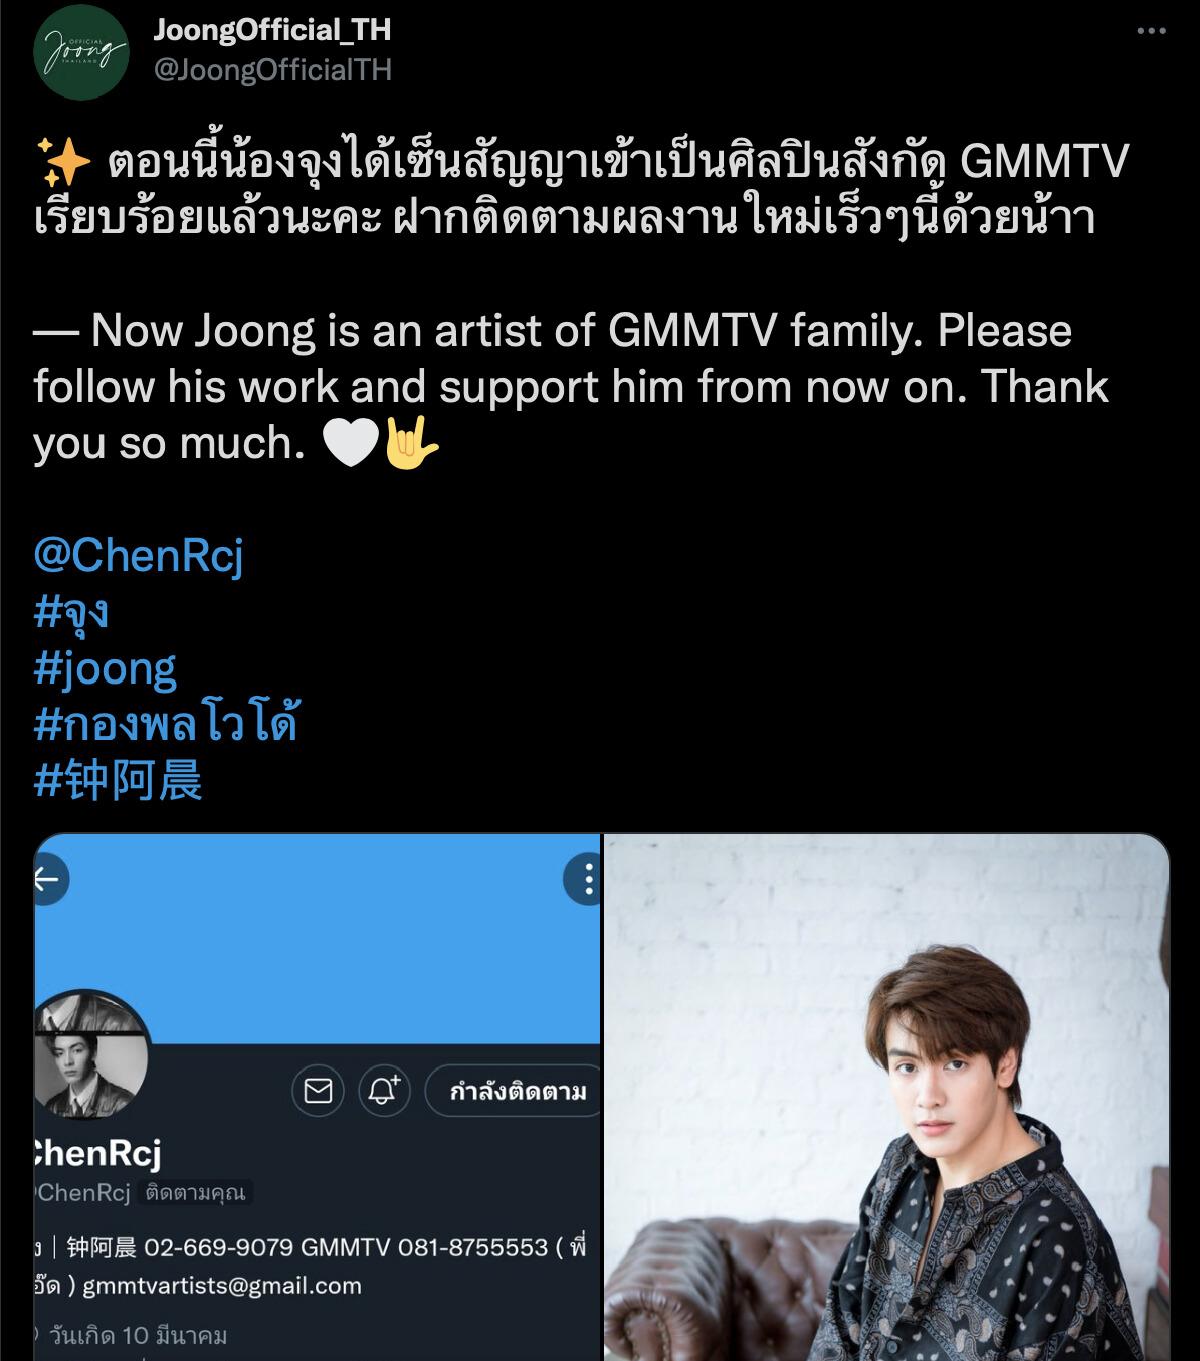 """เฮ """"จุง อาเชน"""" นักแสดงซีรีส์ดัง ตกลงร่วมงานกับ GMMTV"""